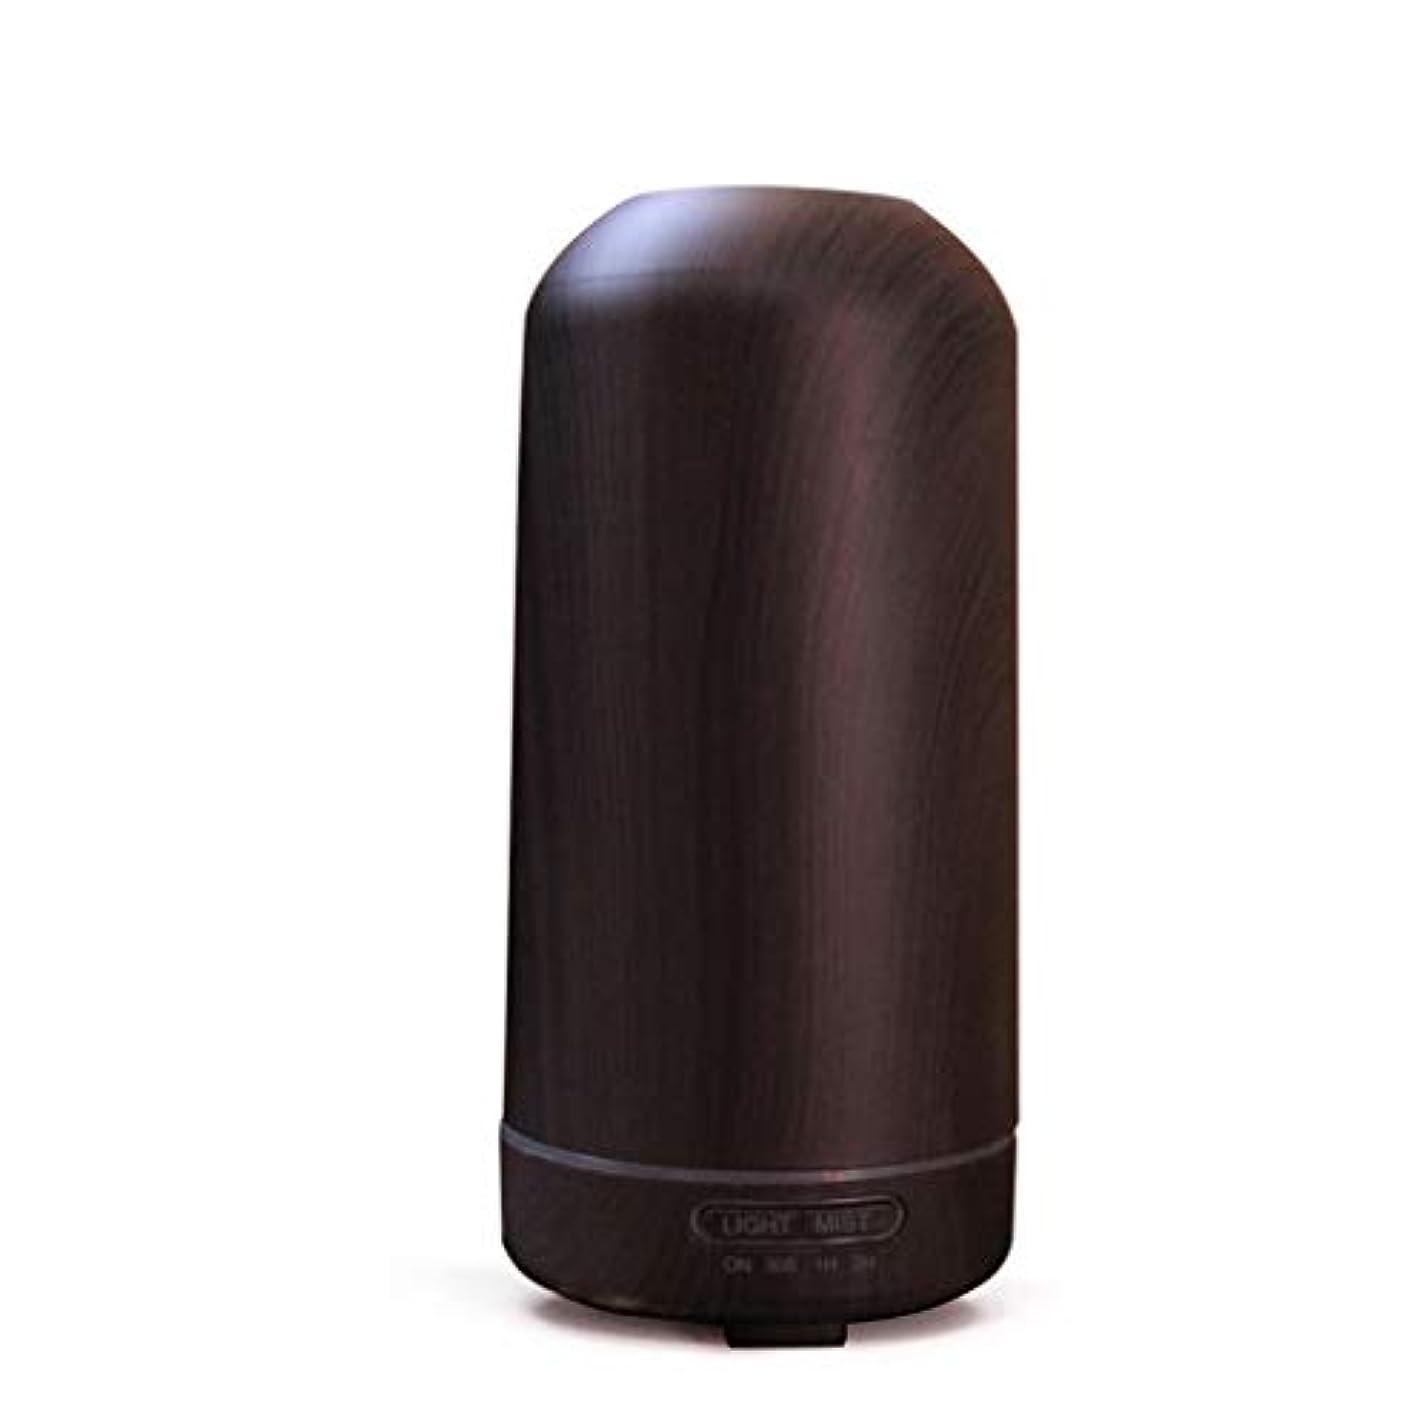 入り口誓約学者100ミリリットル超音波クールミスト加湿器カラーLEDライト付きホームヨガオフィススパ寝室ベビールーム - ウッドグレインディフューザー (Color : Dark wood grain)